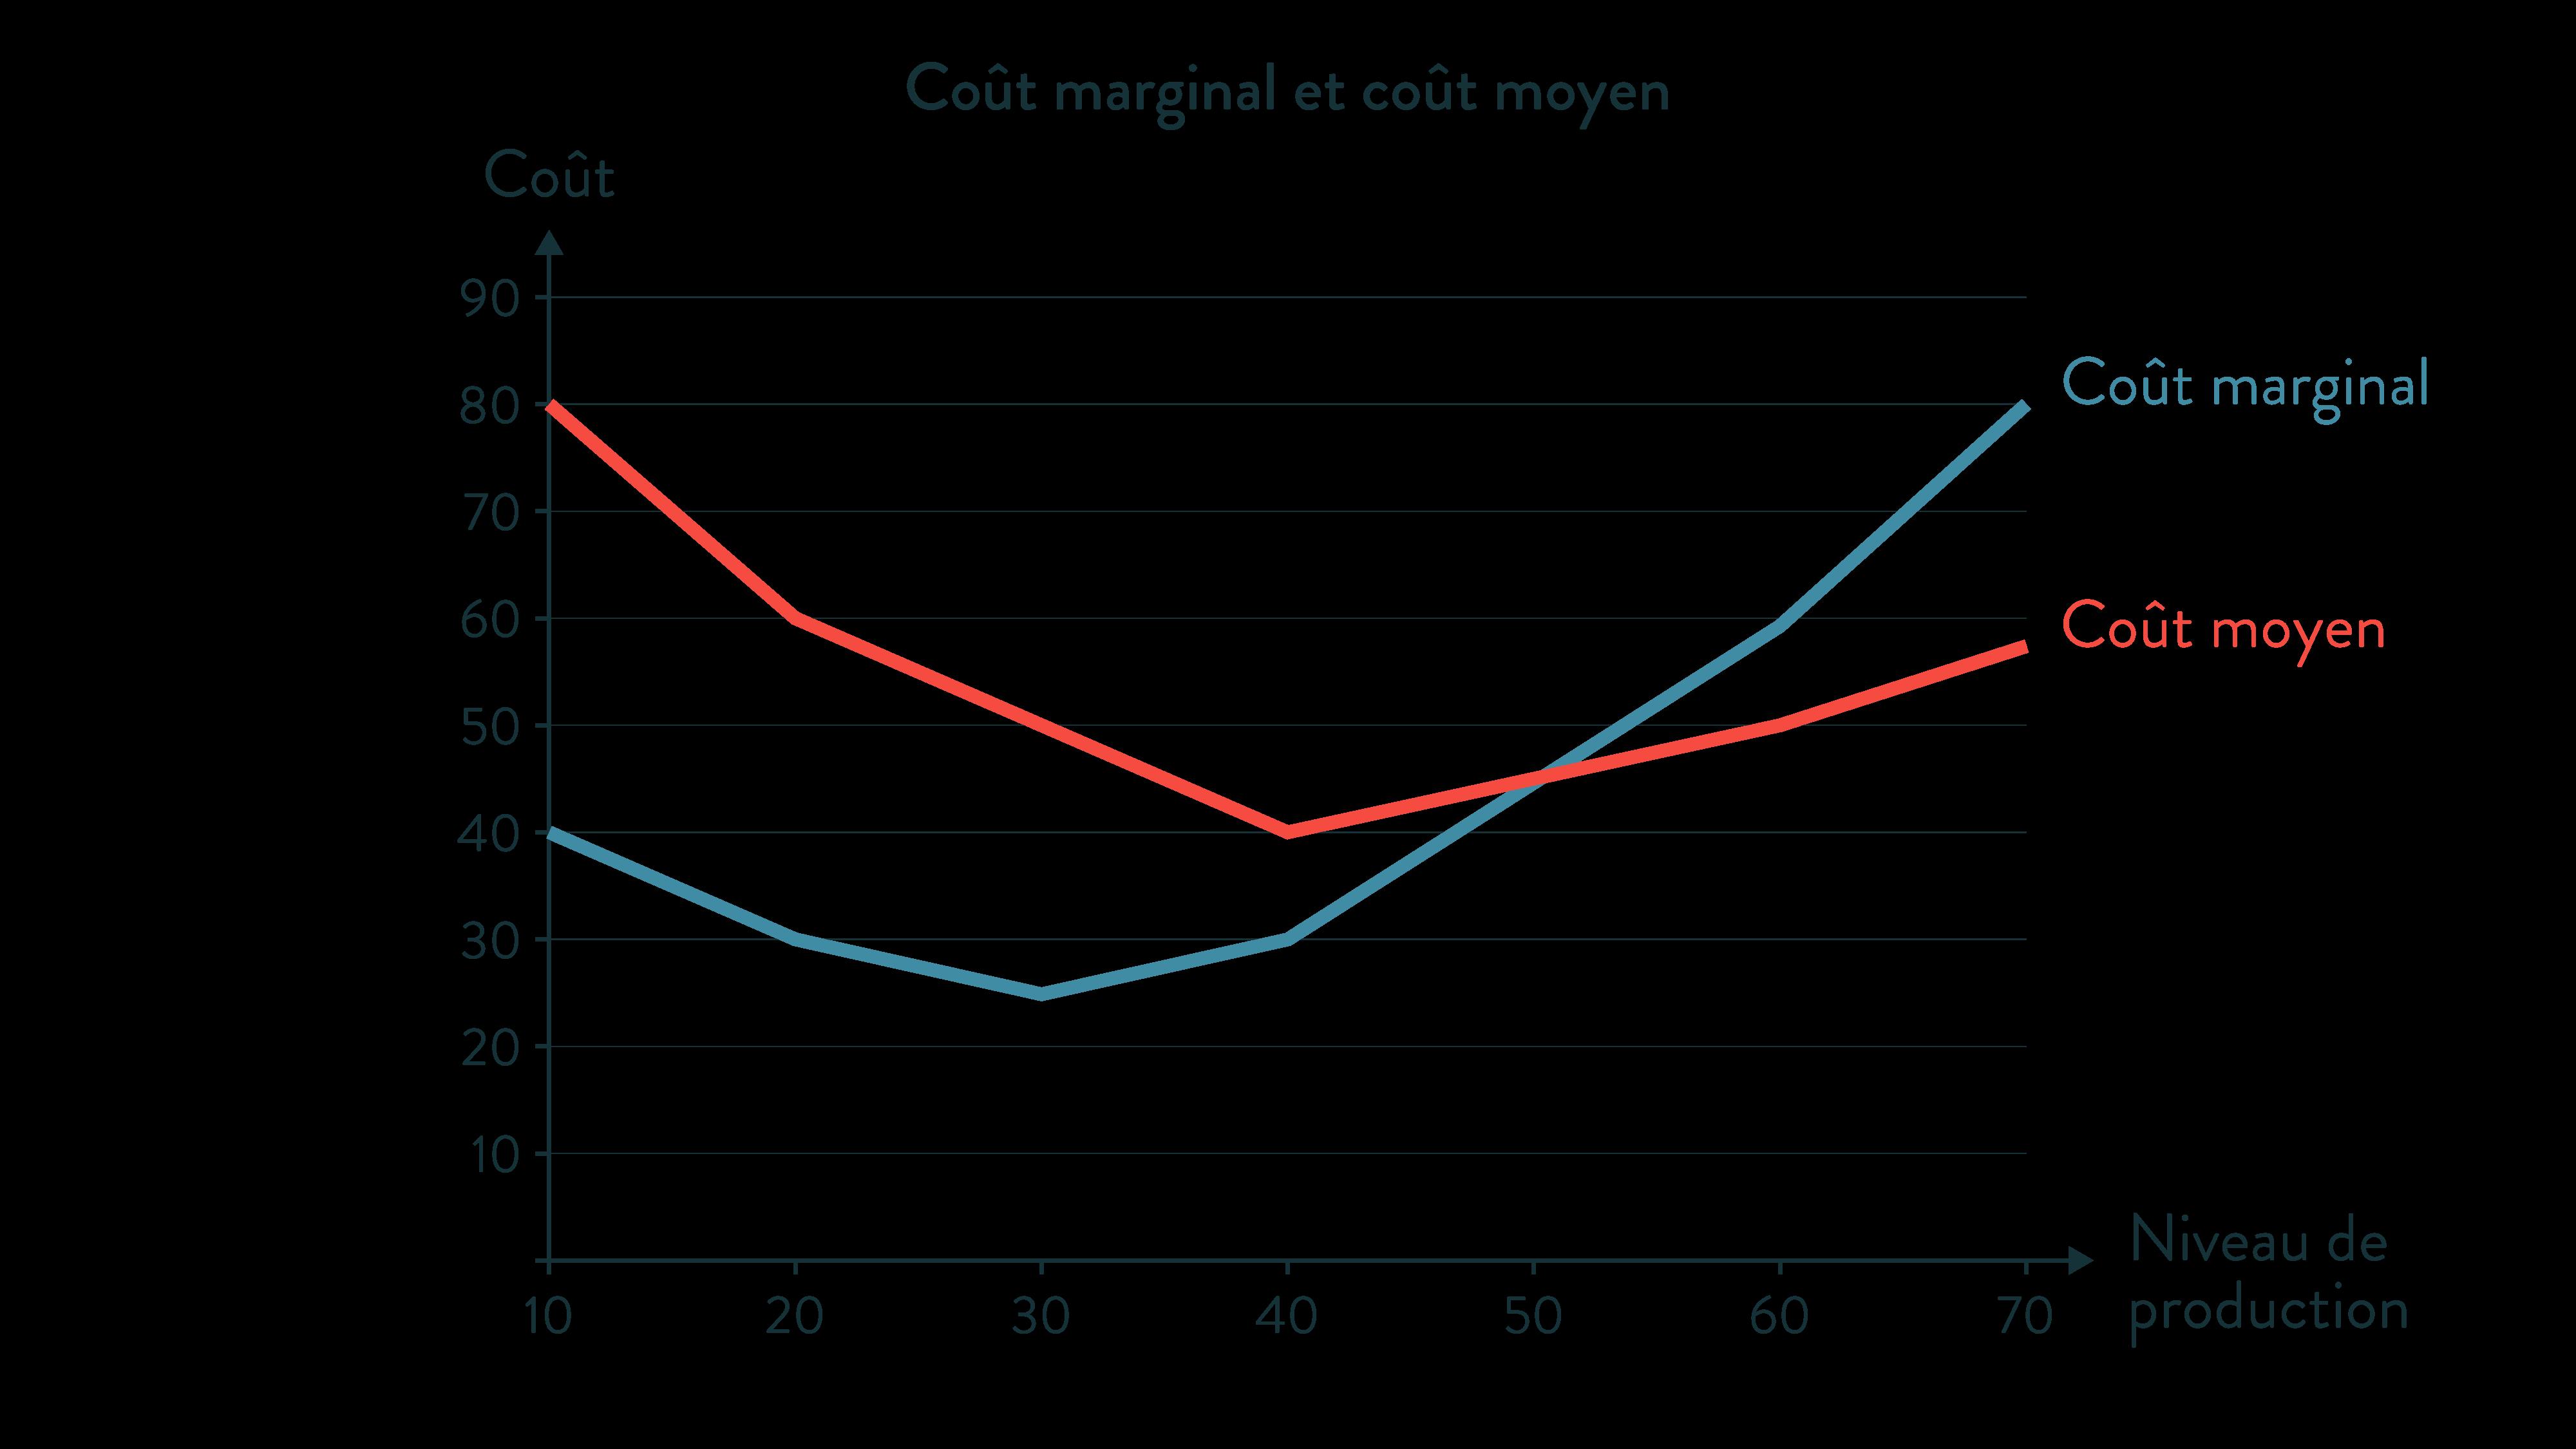 ses première coût marginal et coût moyen niveau de production